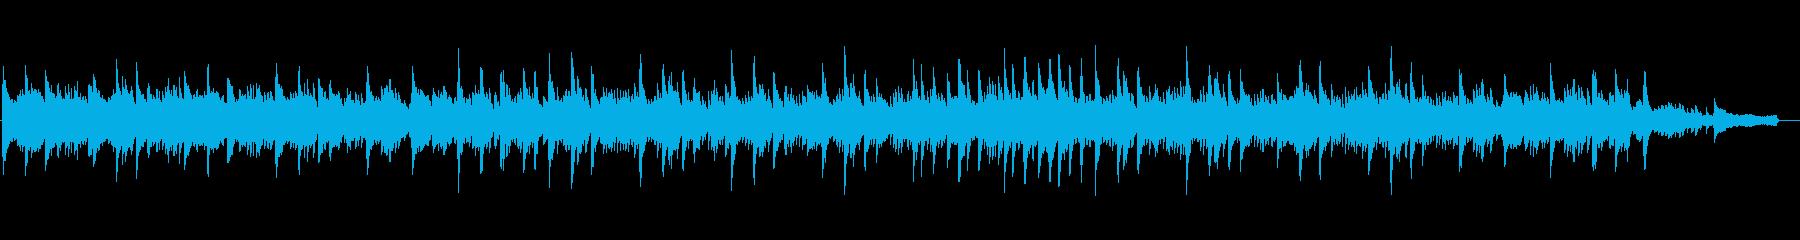 ホテルラウンジで流れる極上ピアノBGMの再生済みの波形